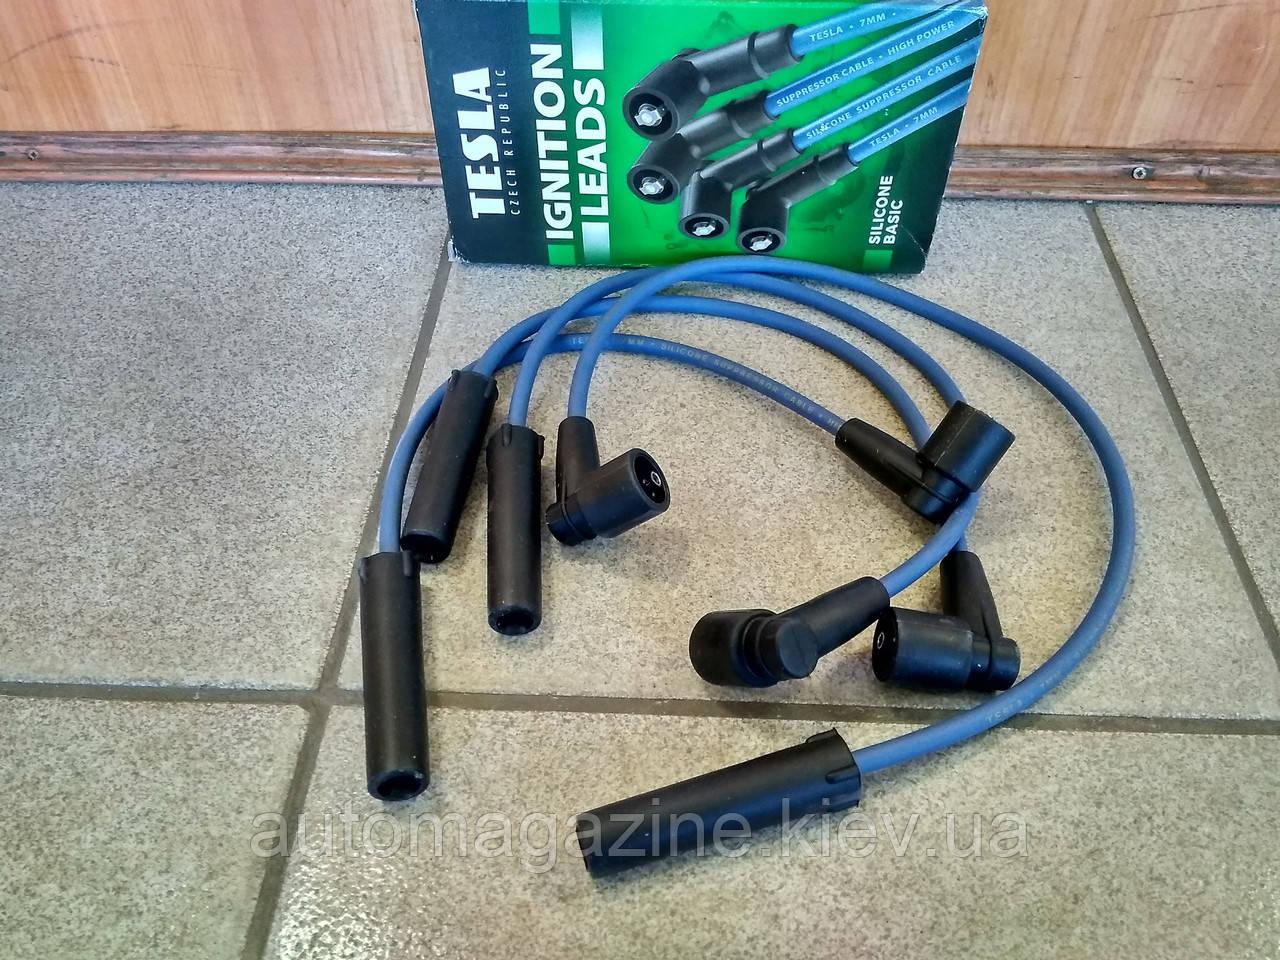 Провода высоковольтные ВАЗ 2108 - 2110 (инжектор)